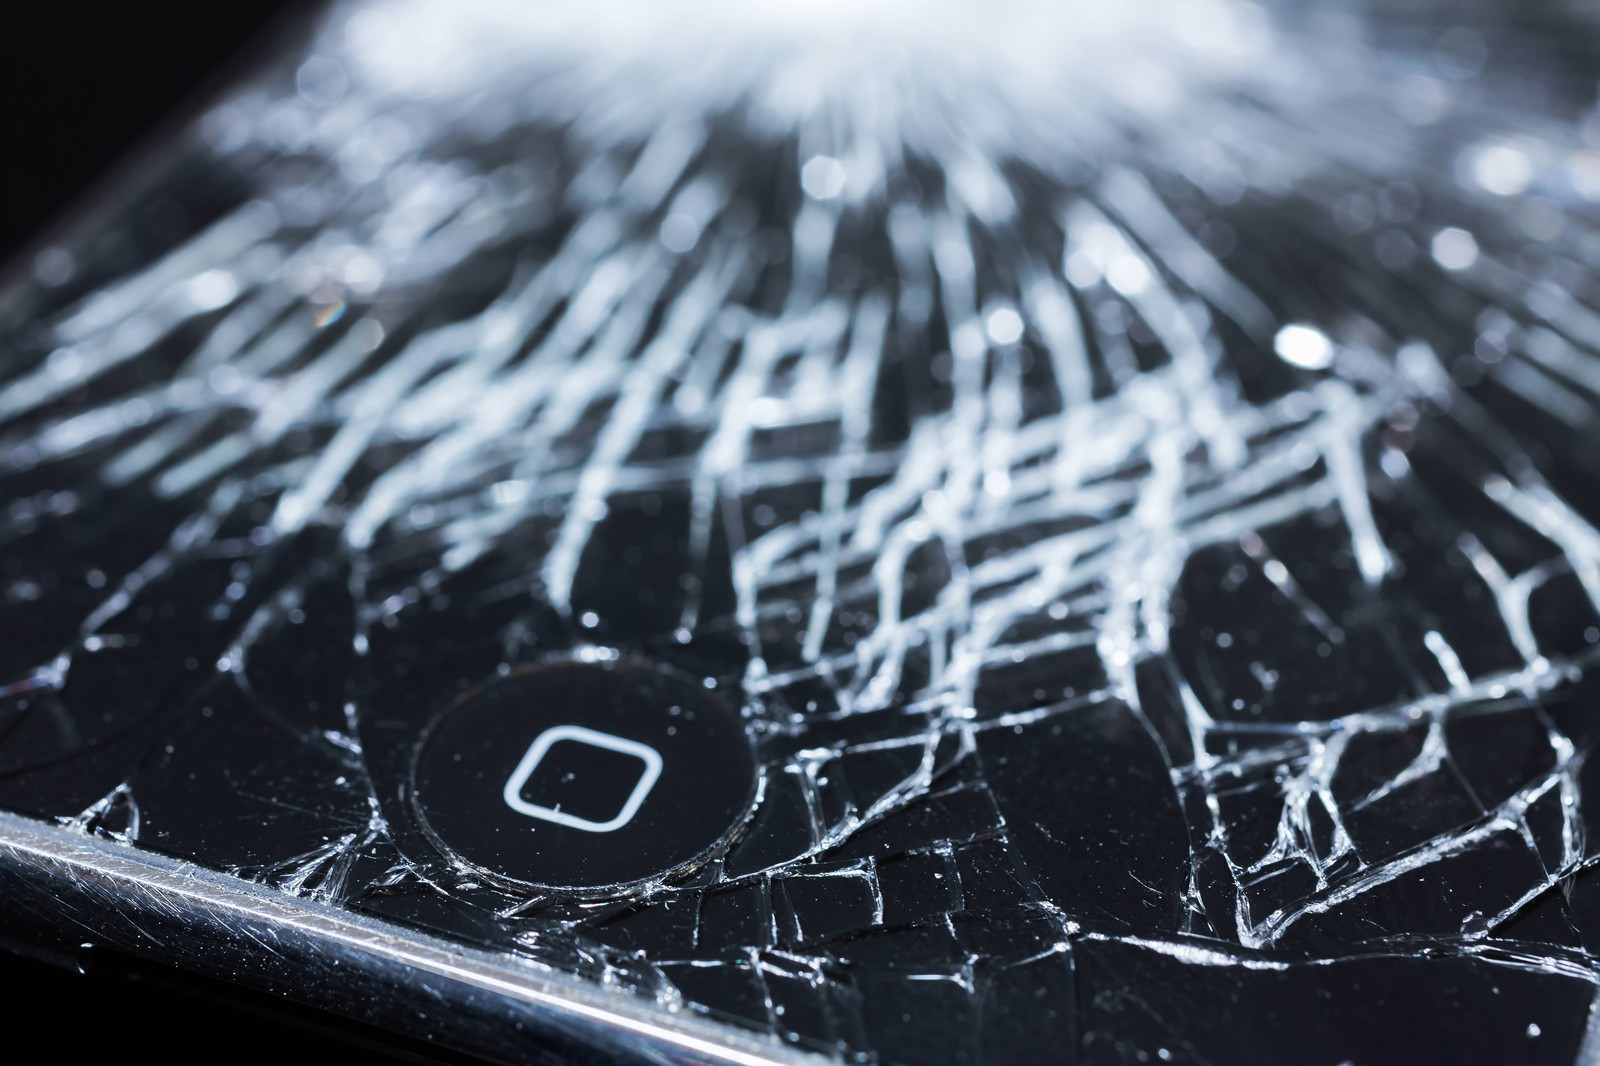 「液晶にヒビが入ったスマホとホームボタン」の写真